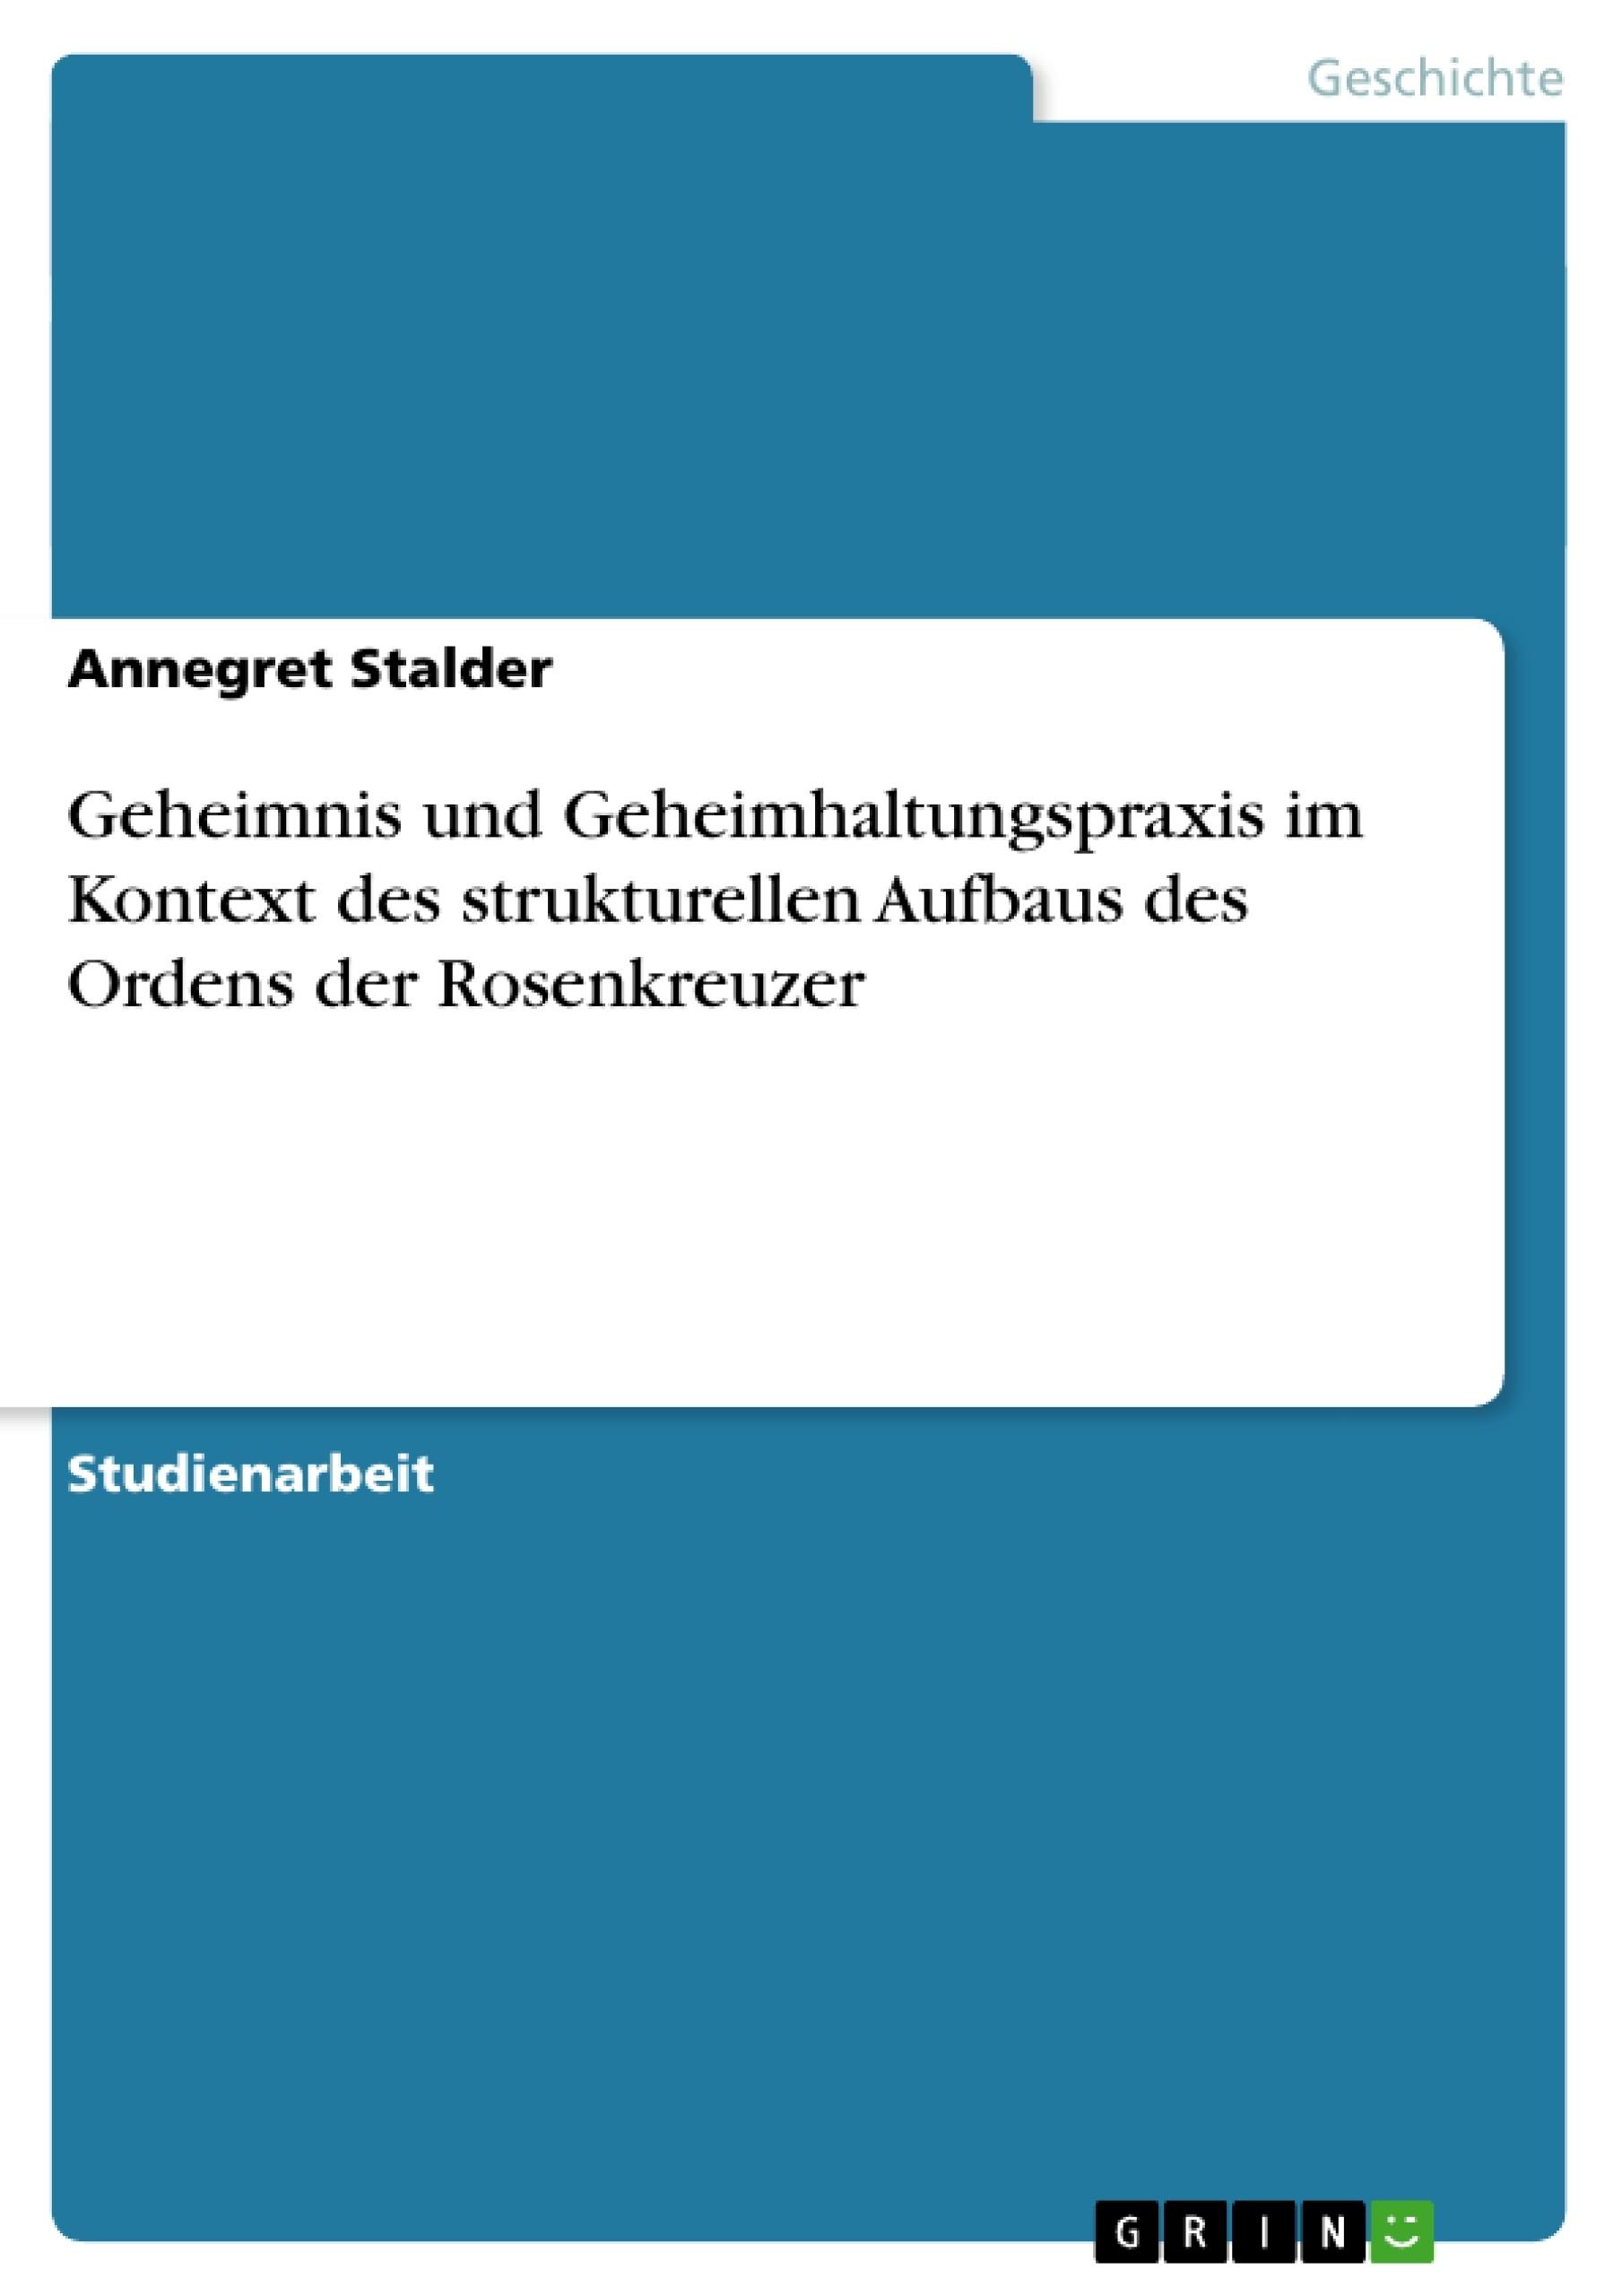 Titel: Geheimnis und Geheimhaltungspraxis im Kontext des strukturellen Aufbaus des Ordens der Rosenkreuzer